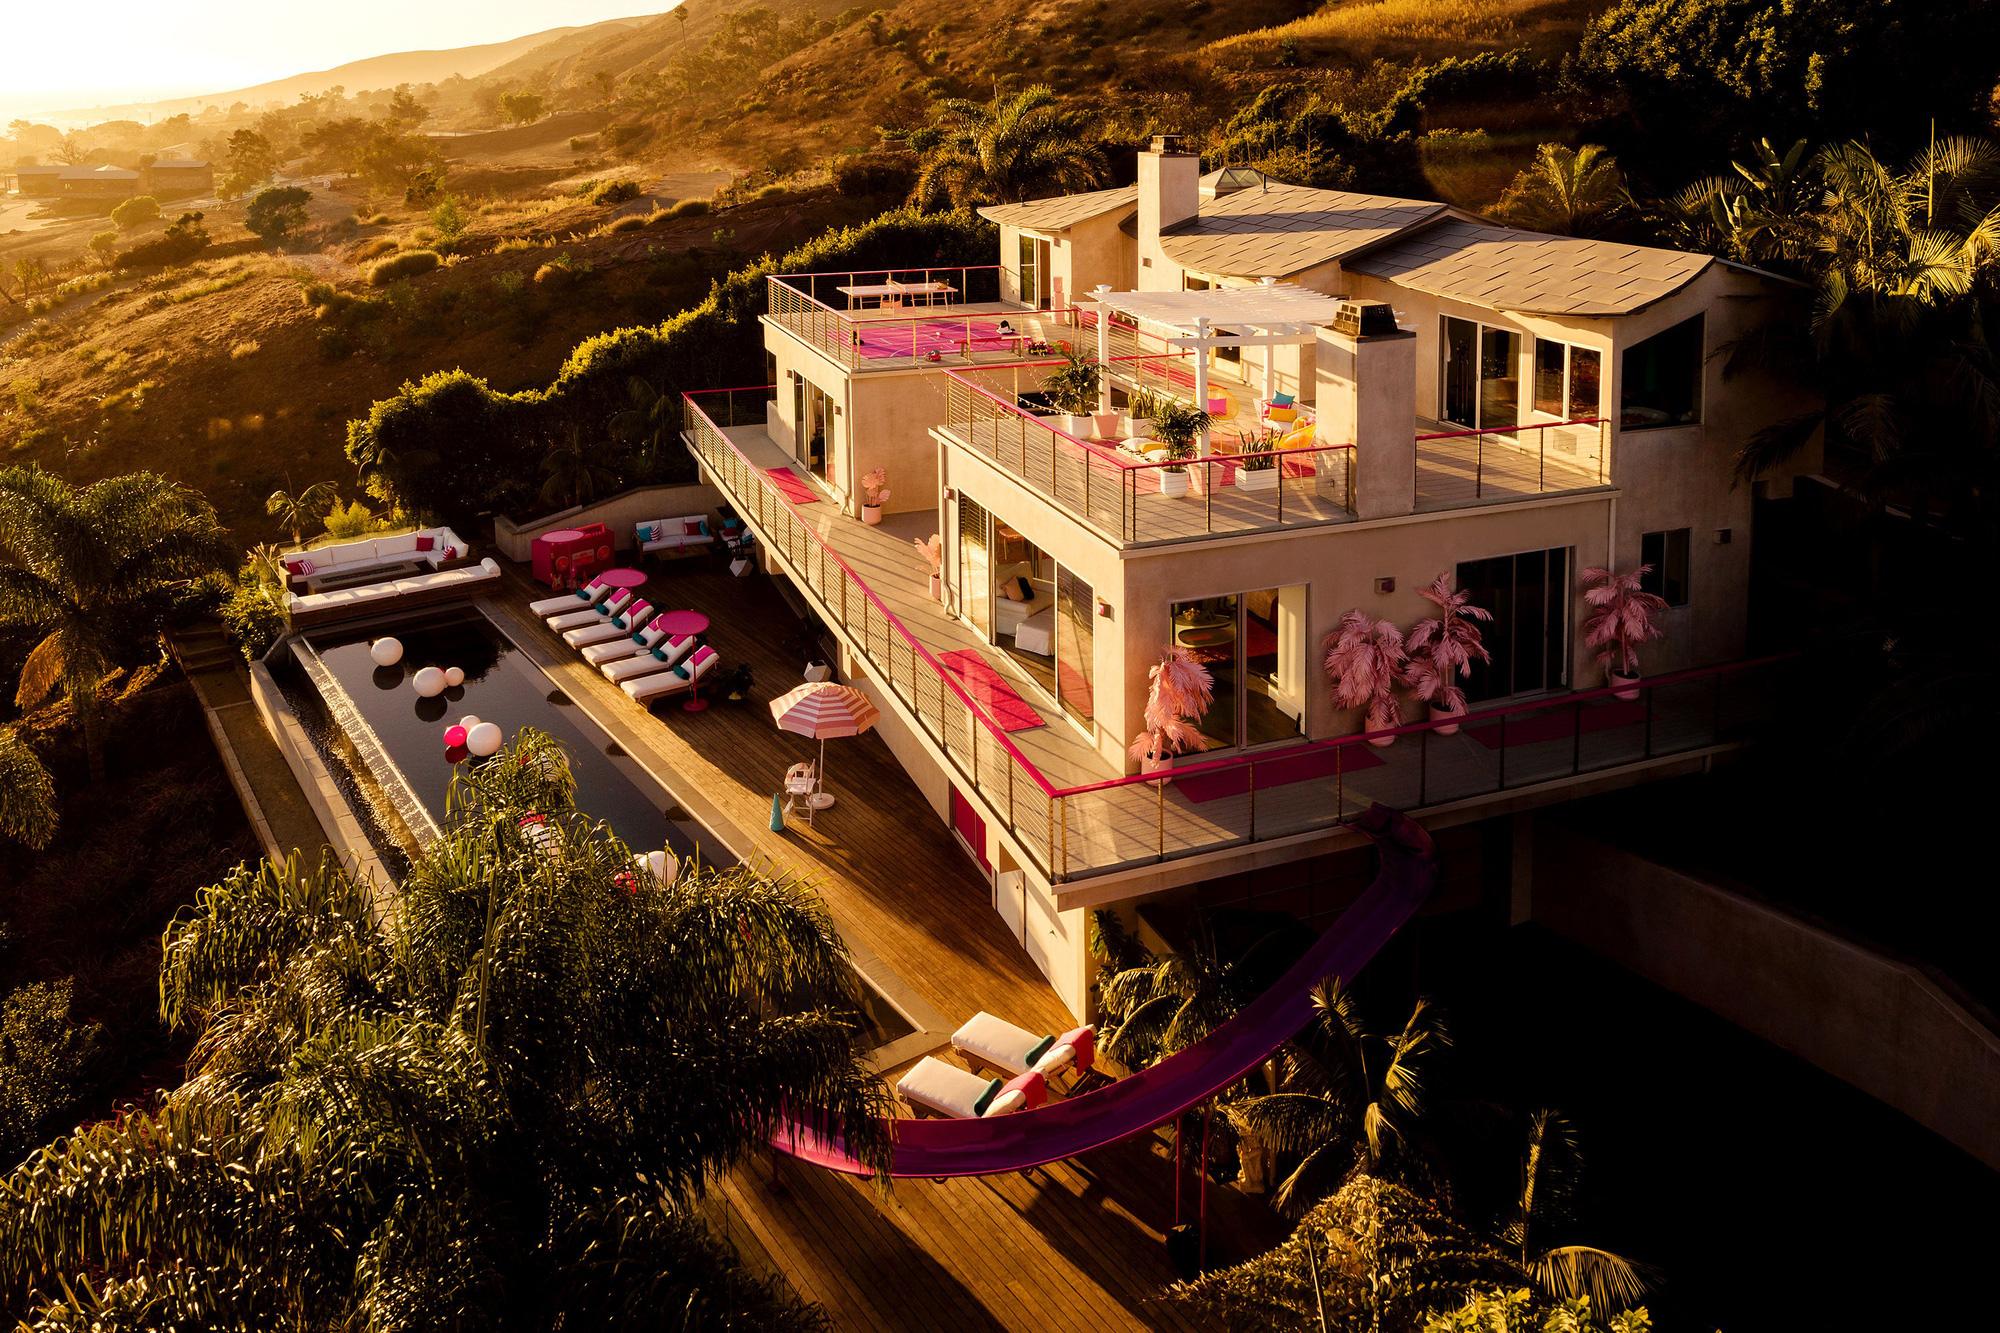 Ngôi nhà búp bê Barbie phiên bản hàng thật với giá 1,3 triệu/đêm, các cô gái nhanh tay xách vali lên nào - Ảnh 2.